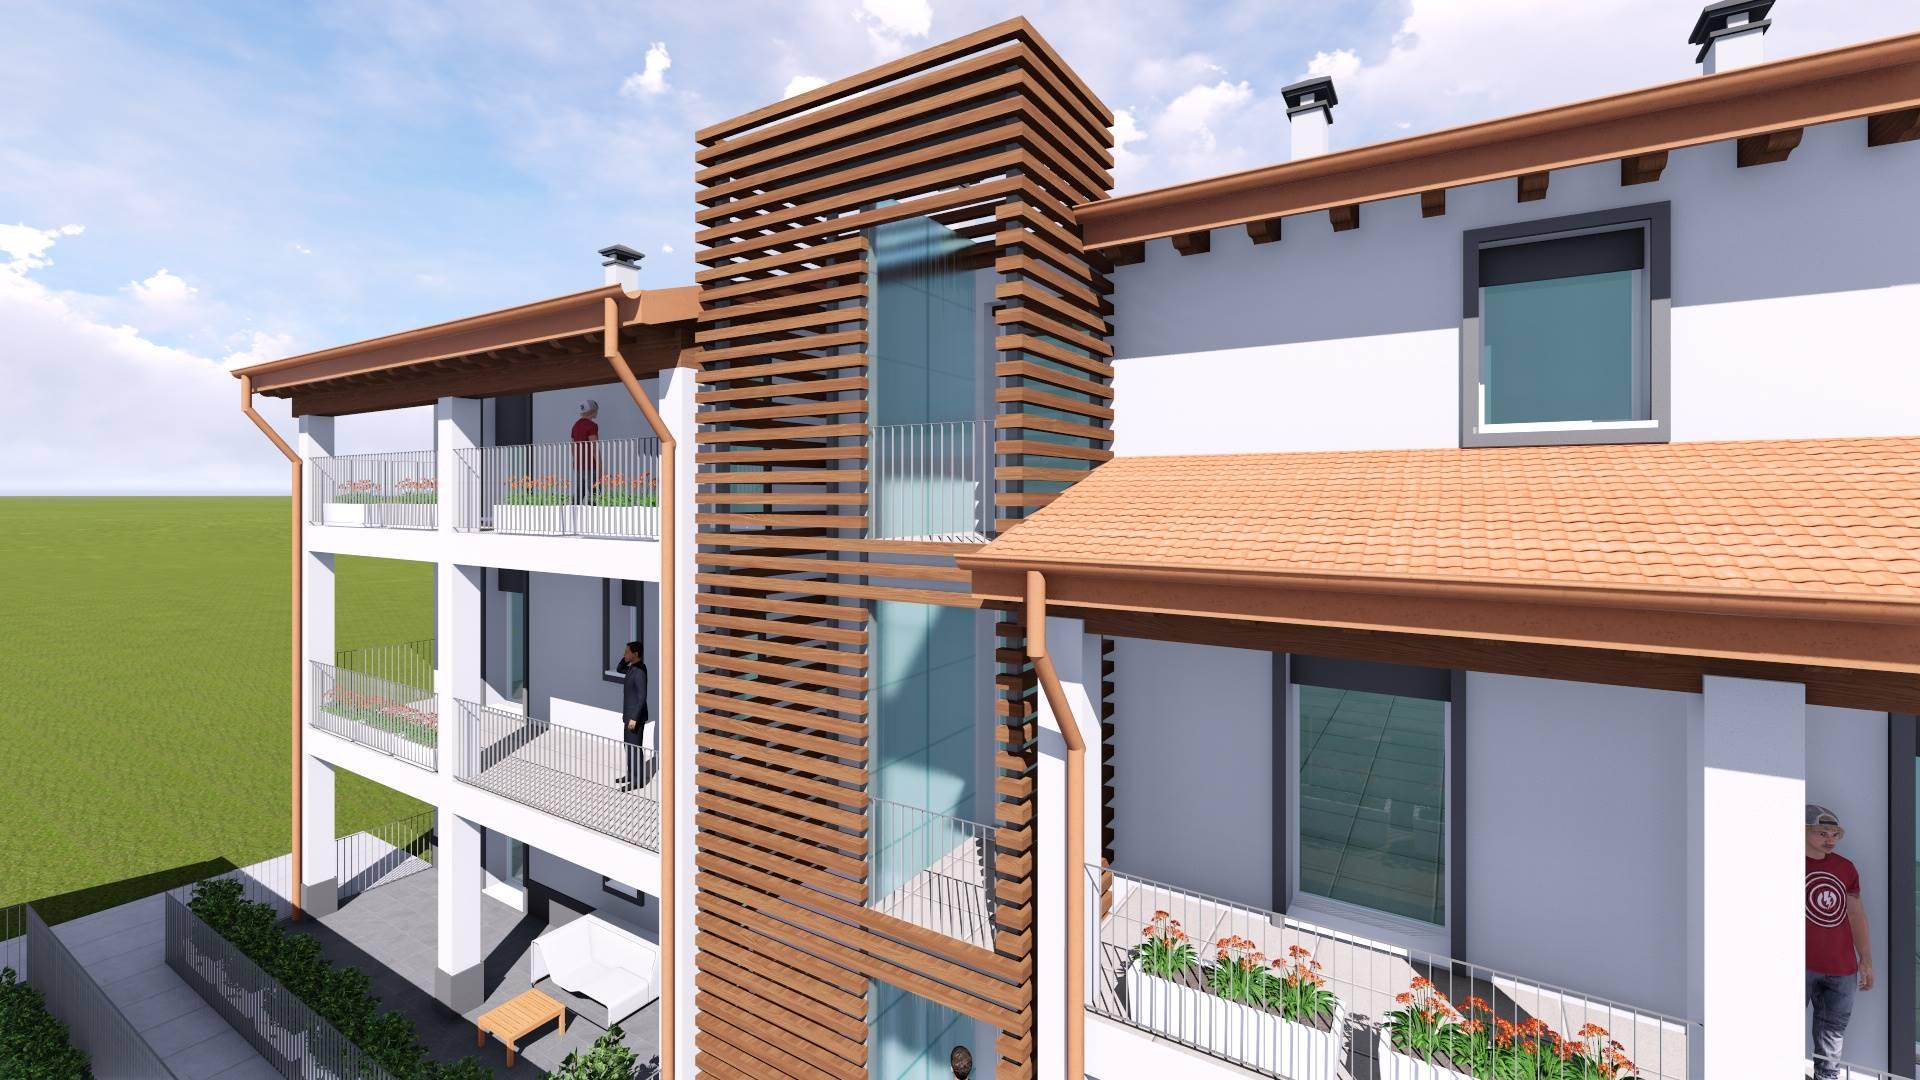 Appartamento in vendita a Crema, 4 locali, prezzo € 256.000 | PortaleAgenzieImmobiliari.it